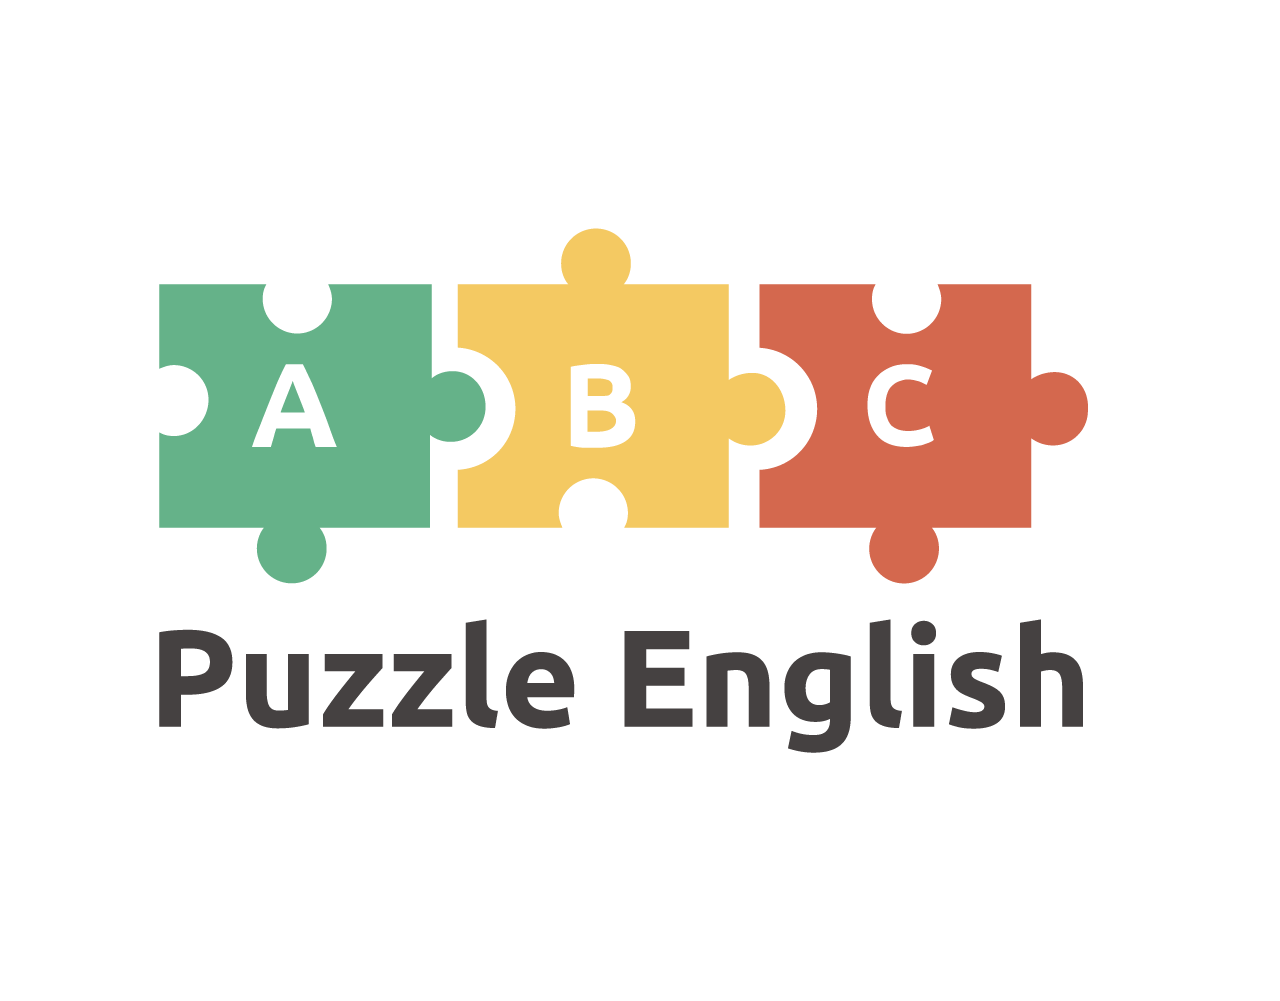 Тест на определение словарного запаса Puzzle English признан самым точным и объективным в Рунете